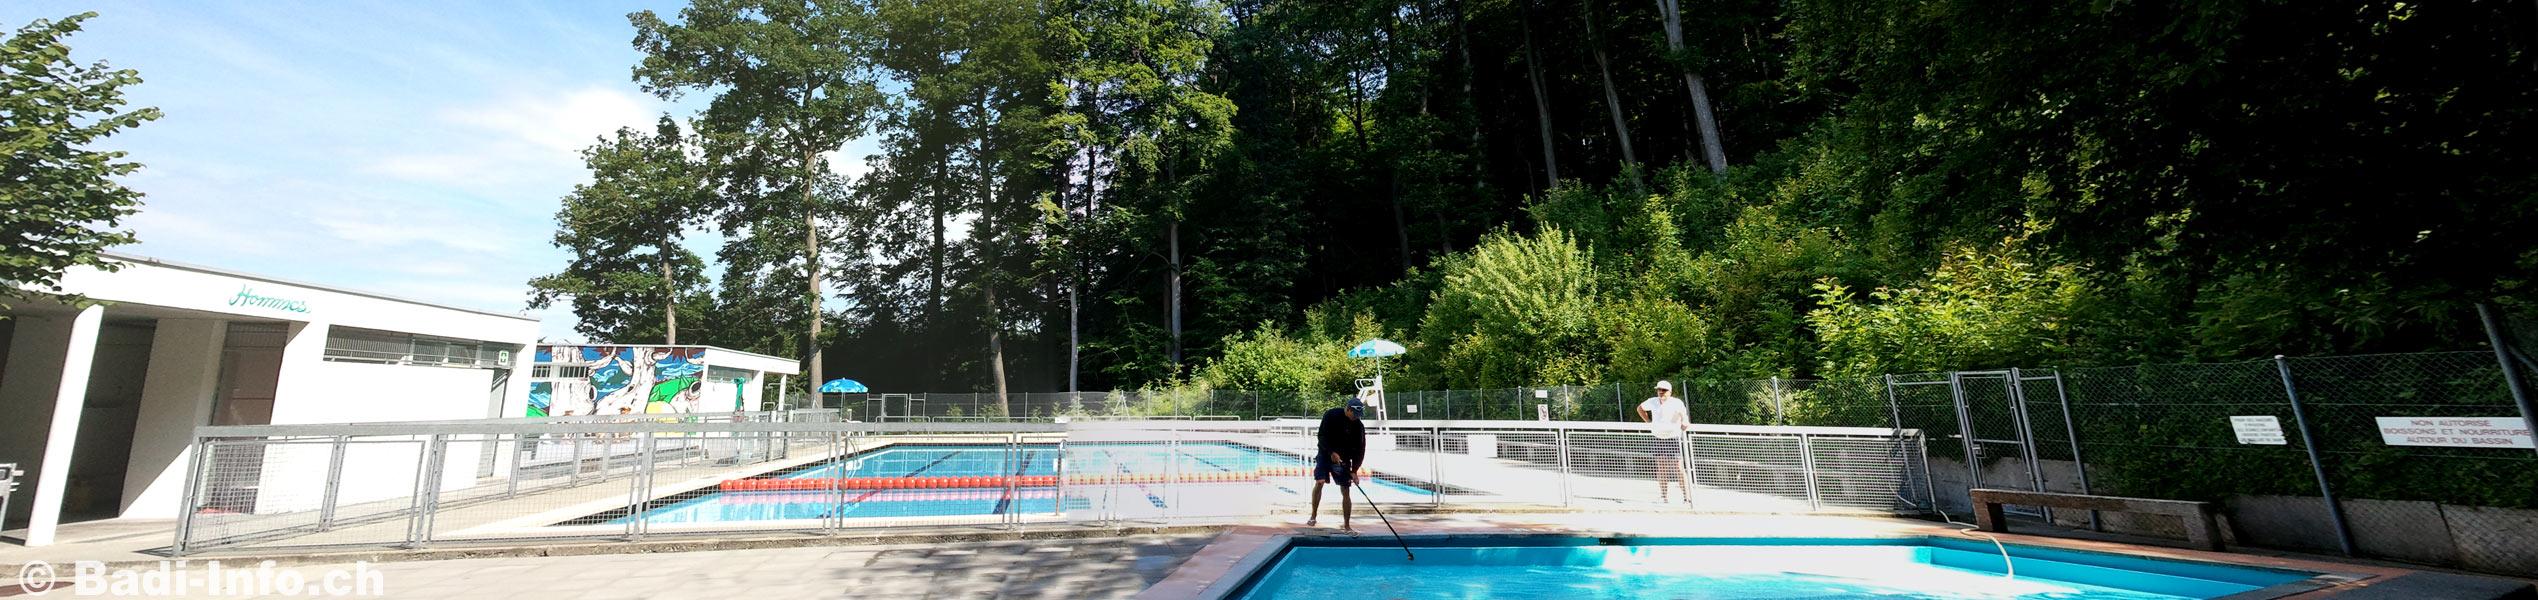 Bellevaux piscine lausanne for Piscine lausanne